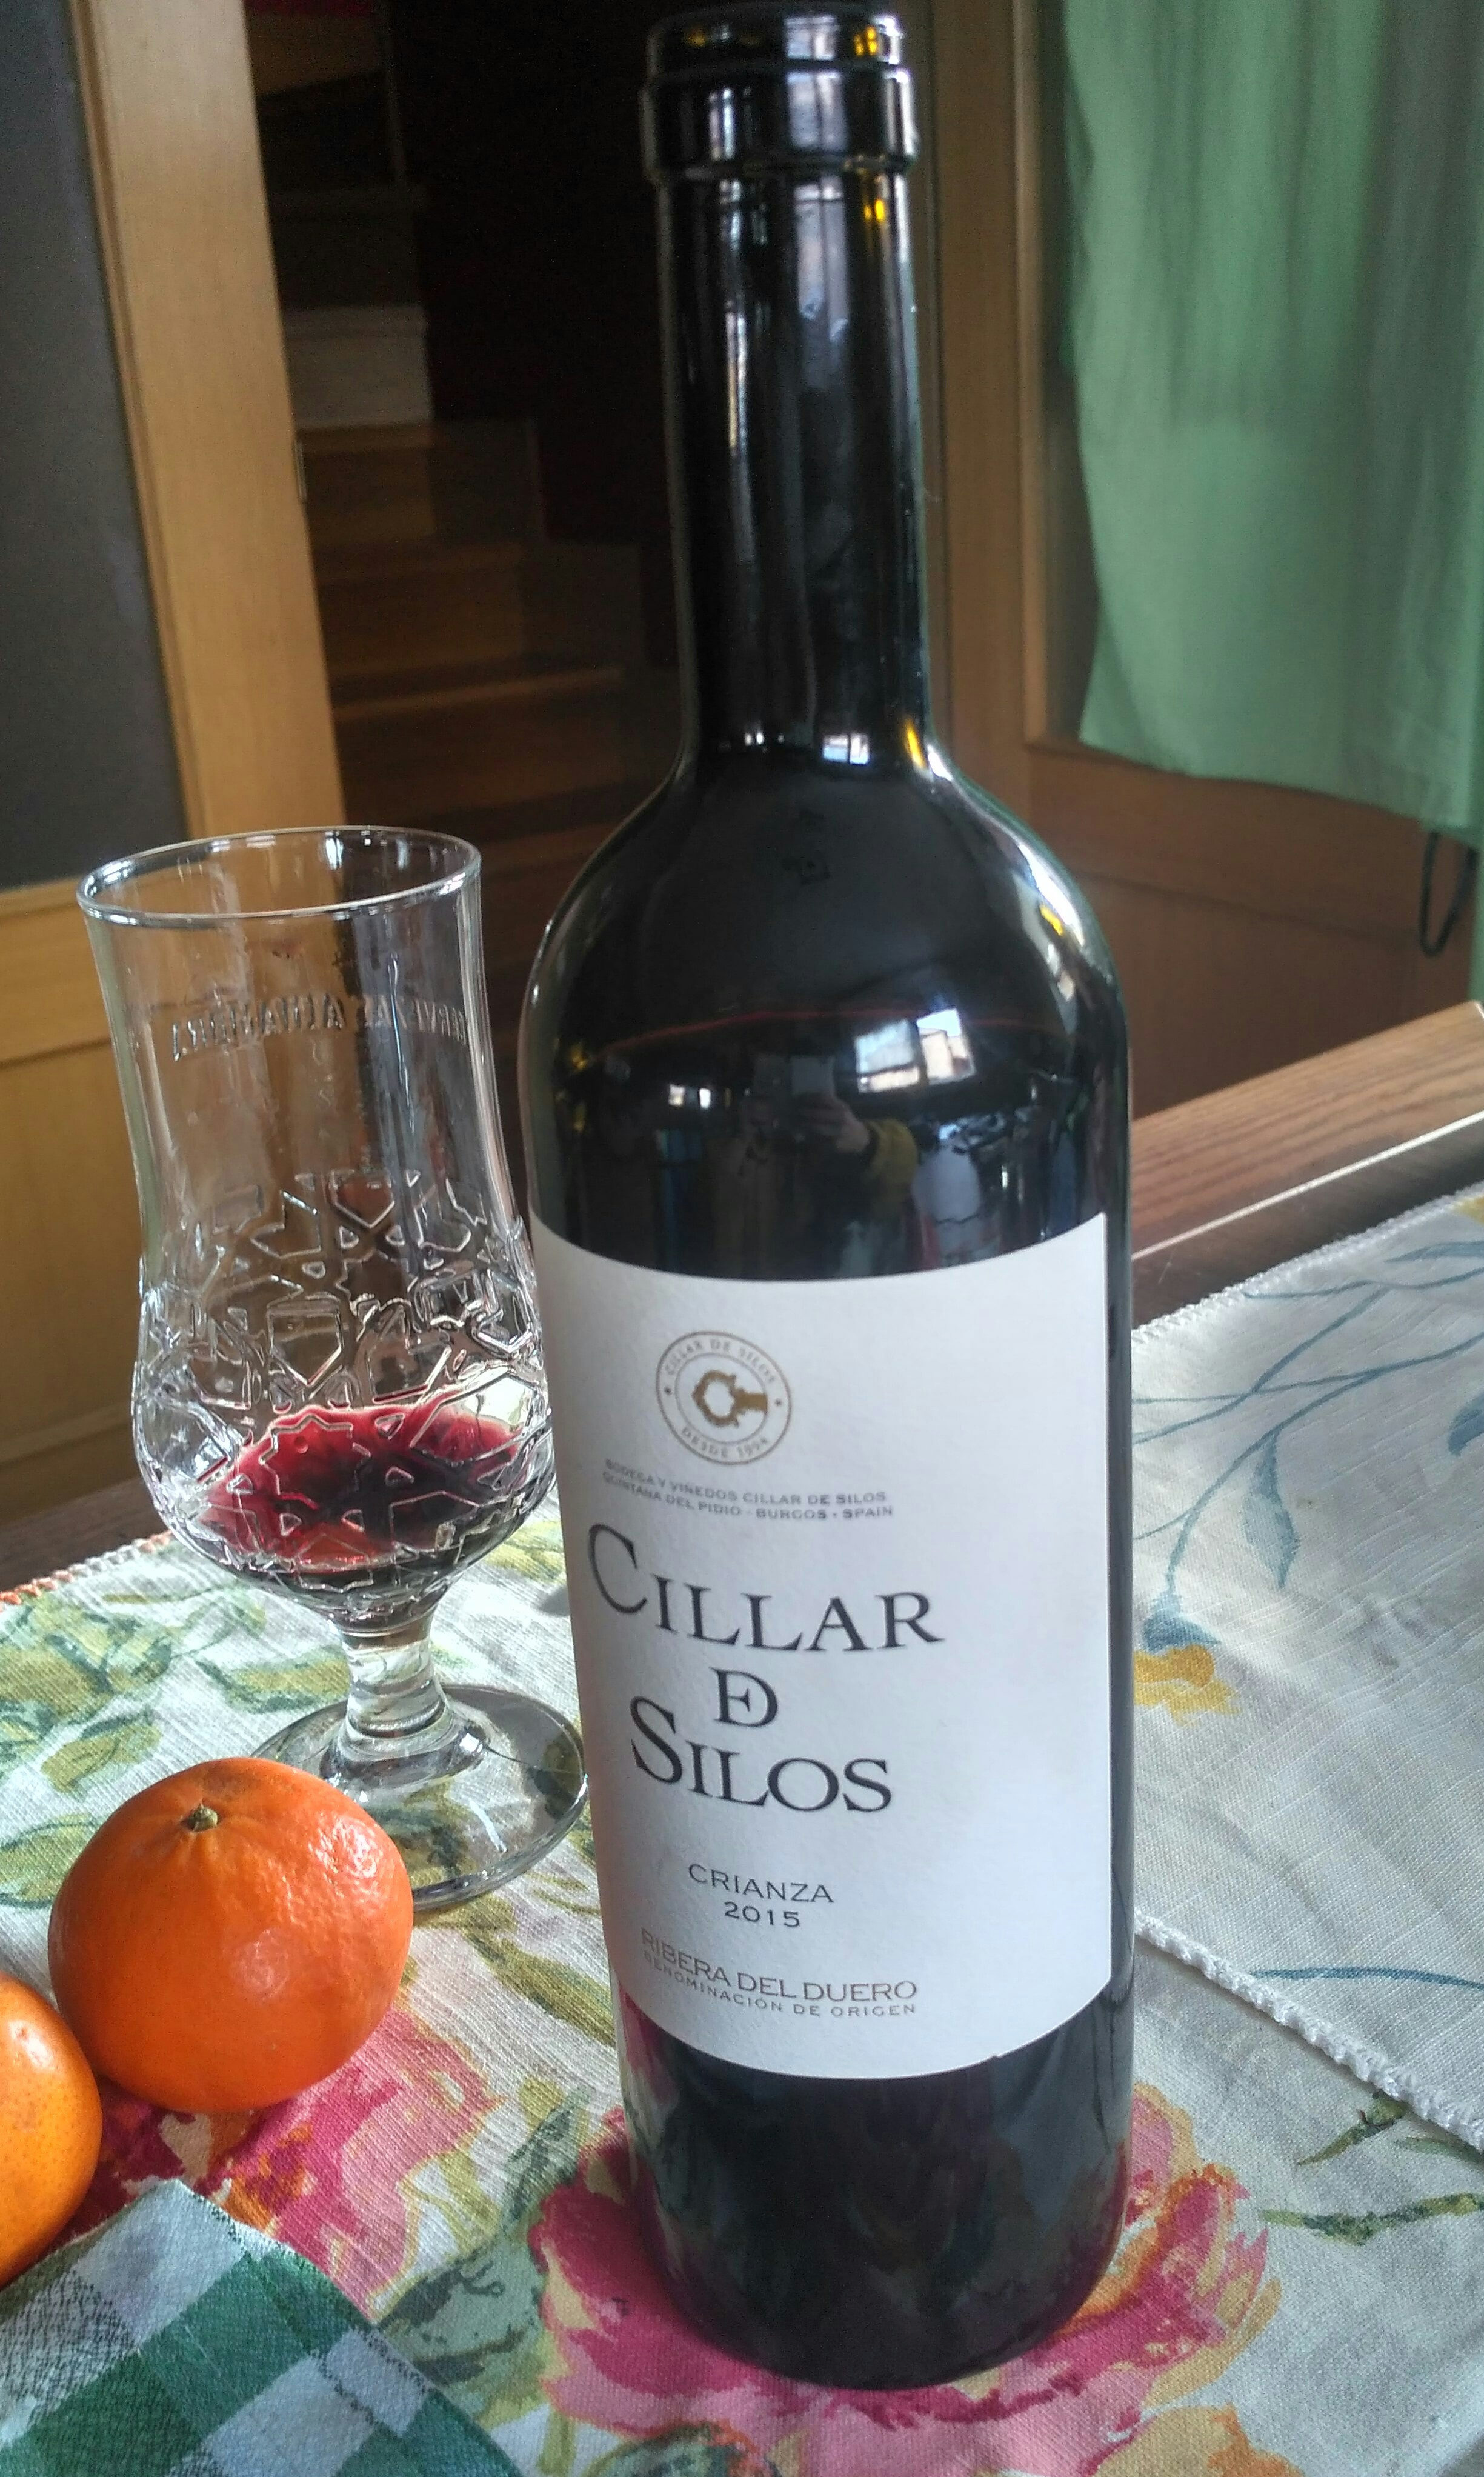 Cillar De Silos, criamza 2015 - Producte